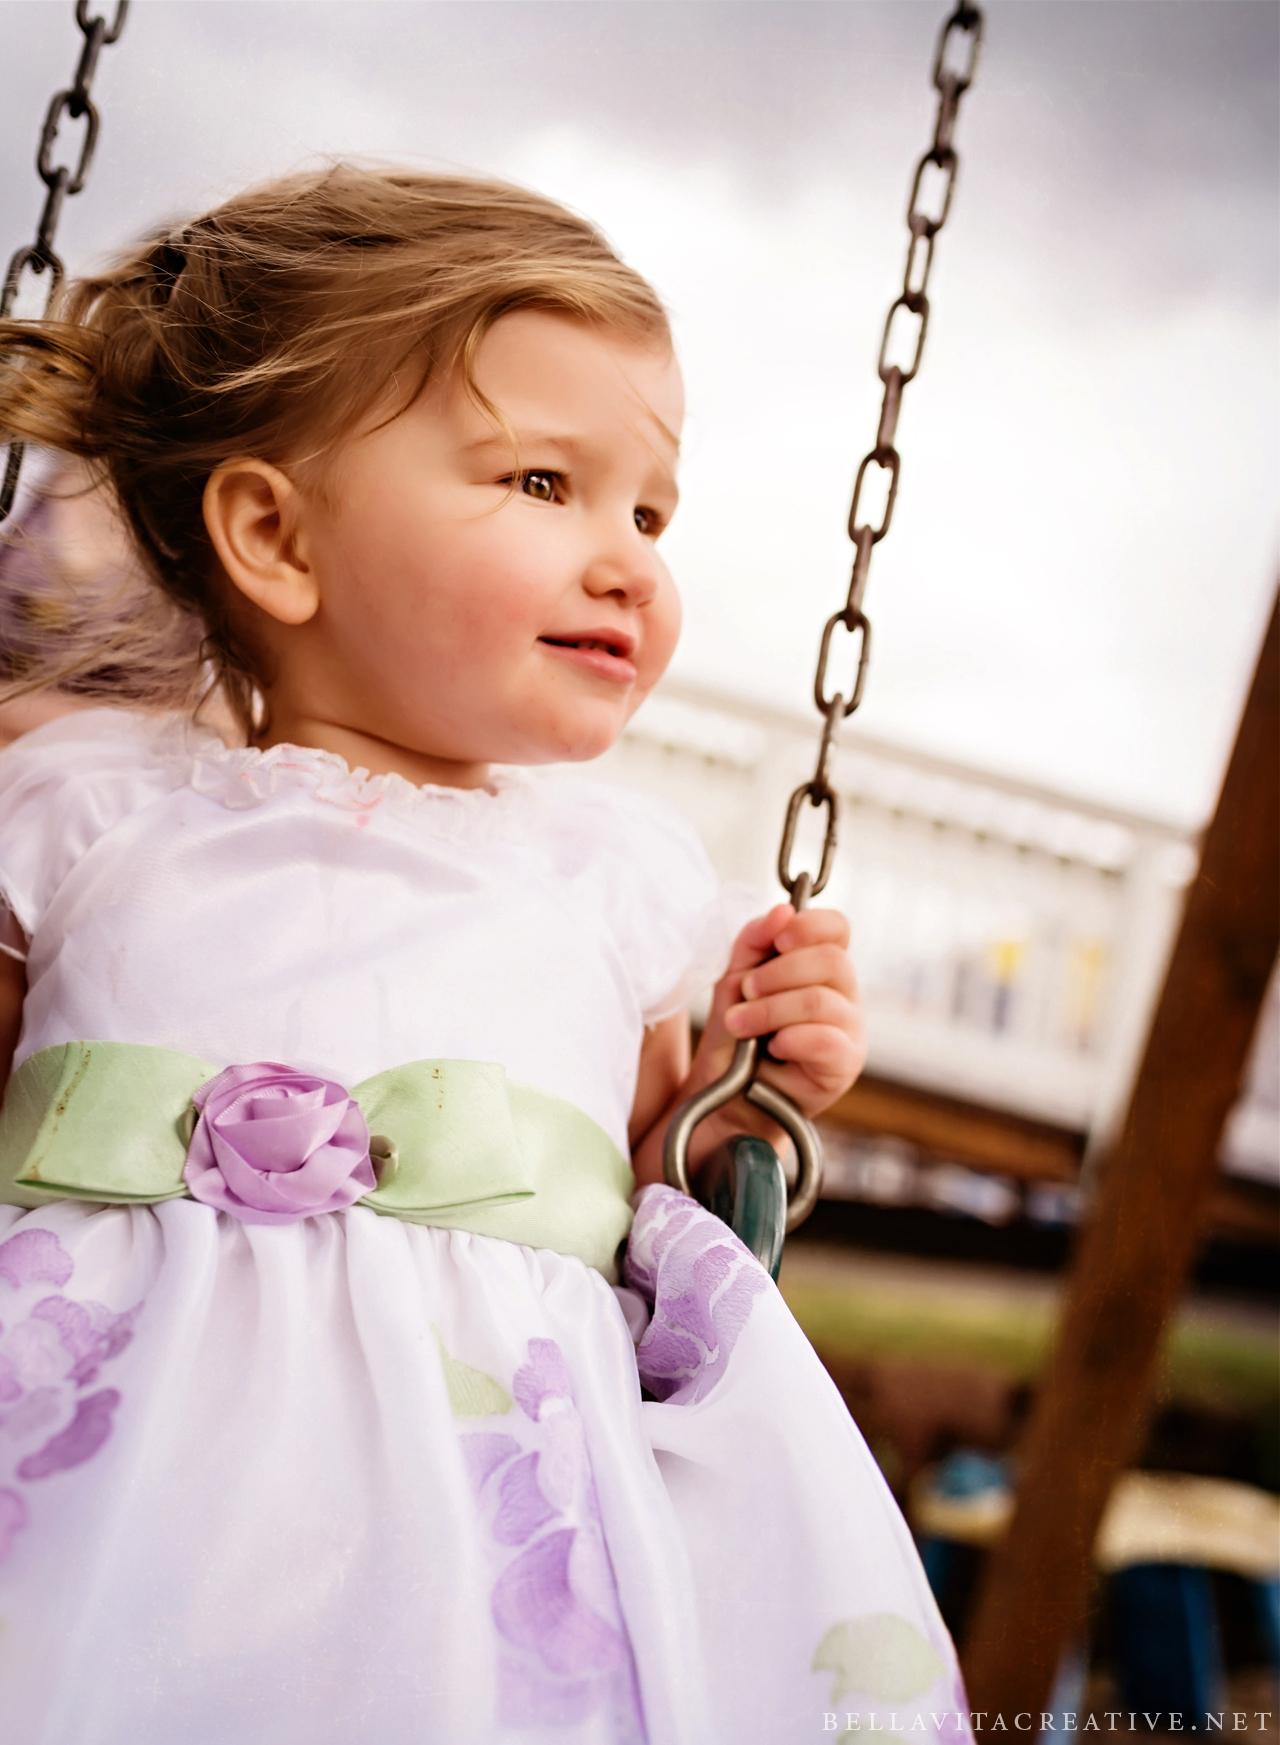 Skagit-County-Children's-Portraits-Bella-Vita-Creative_0025.jpg